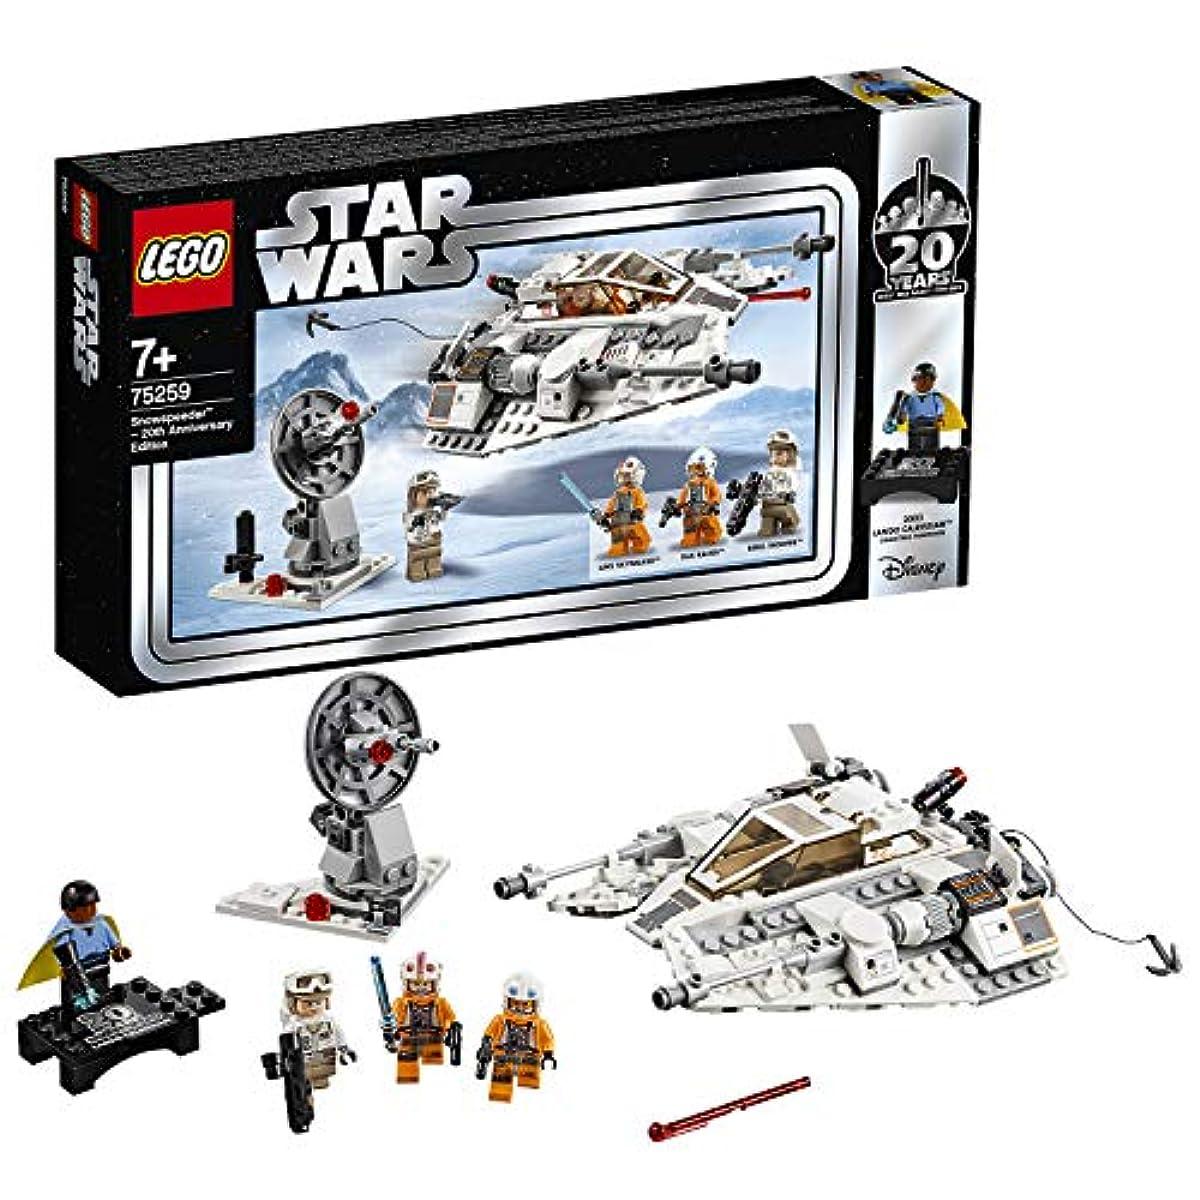 [해외] 레고(LEGO) 스타워즈 스노우 스피더(speeder)(TM) – 20주년 기념 모델 75259 블럭 장난감 사내 아이